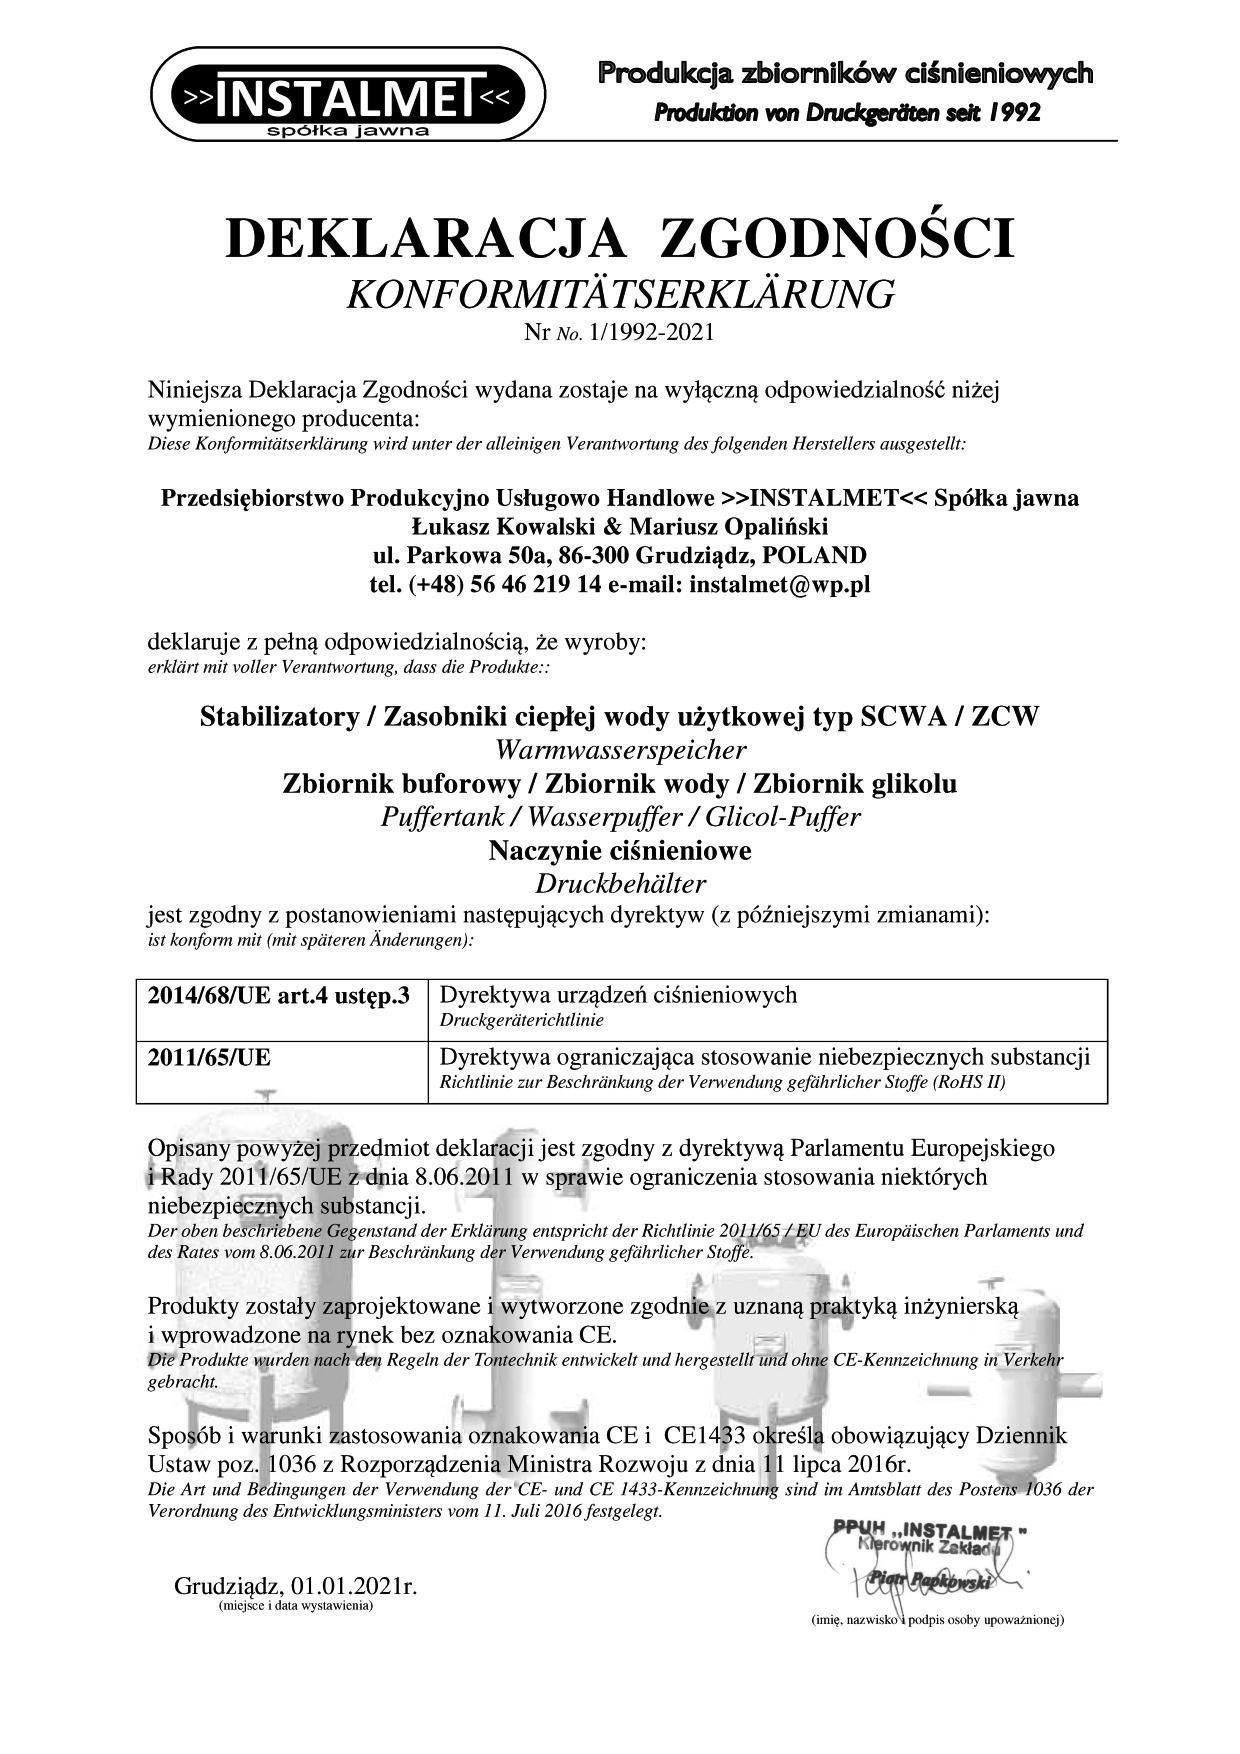 KONFORMITÄTSERKLÄRUNG 1992 - 2021